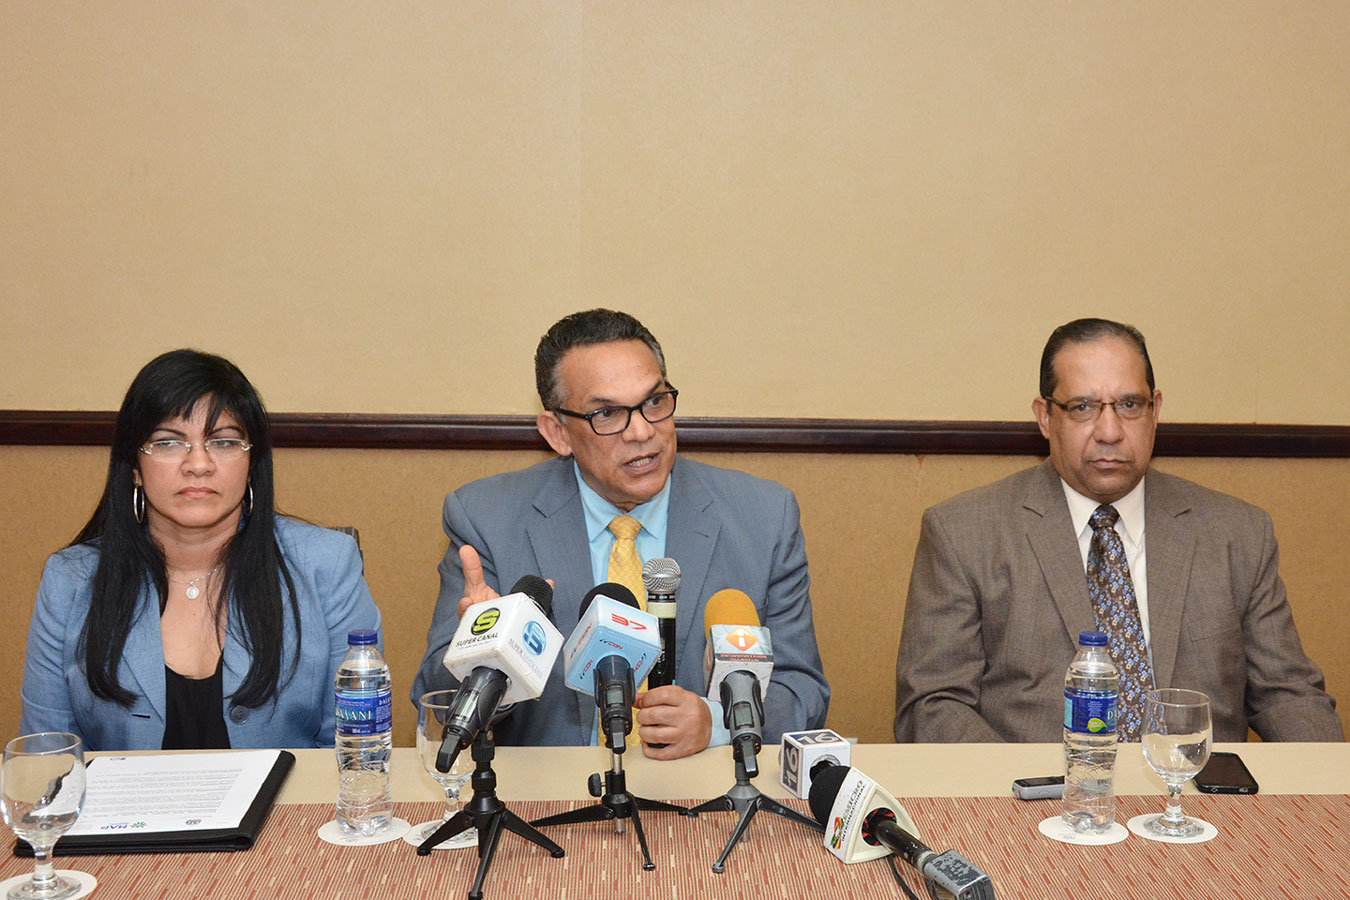 El ministro de Administración Pública, Ramón Ventura Camejo, hizo el anuncio en rueda de prensa en el Hotel Sheraton./Gabriel Alcántara.